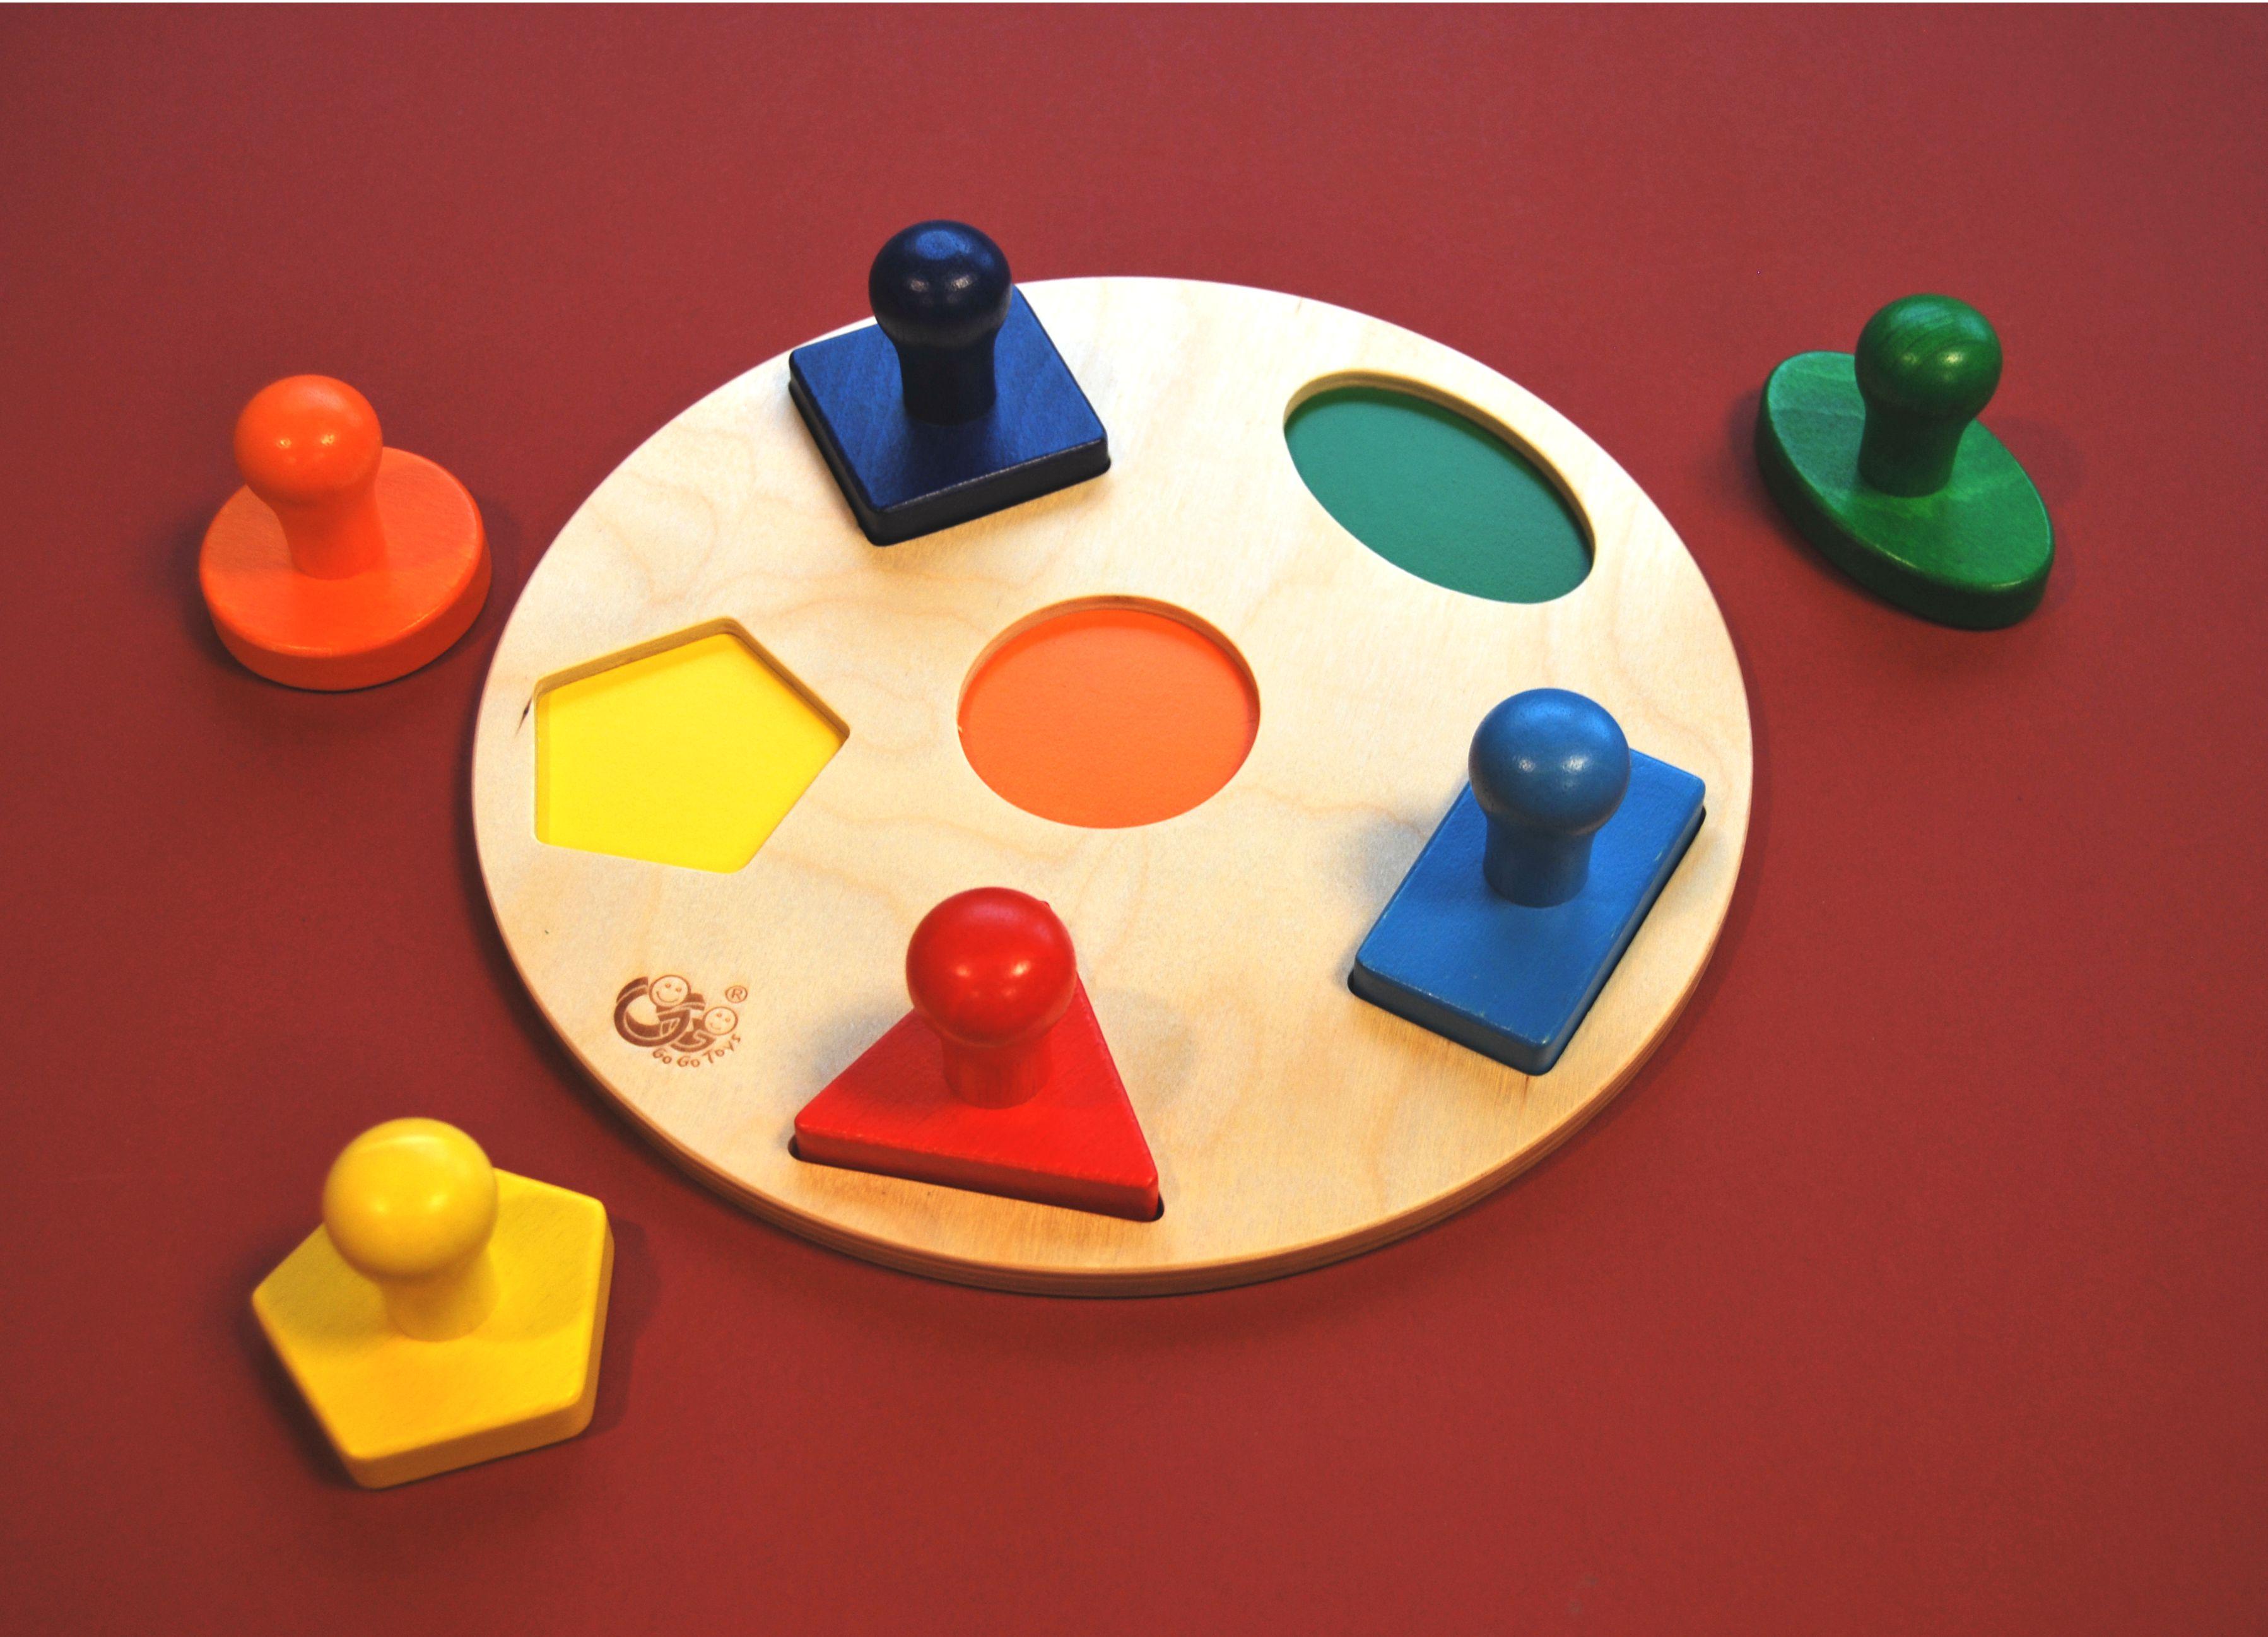 Image de présentation du jeu Plateau de tri de formes  - cliquez pour agrandir